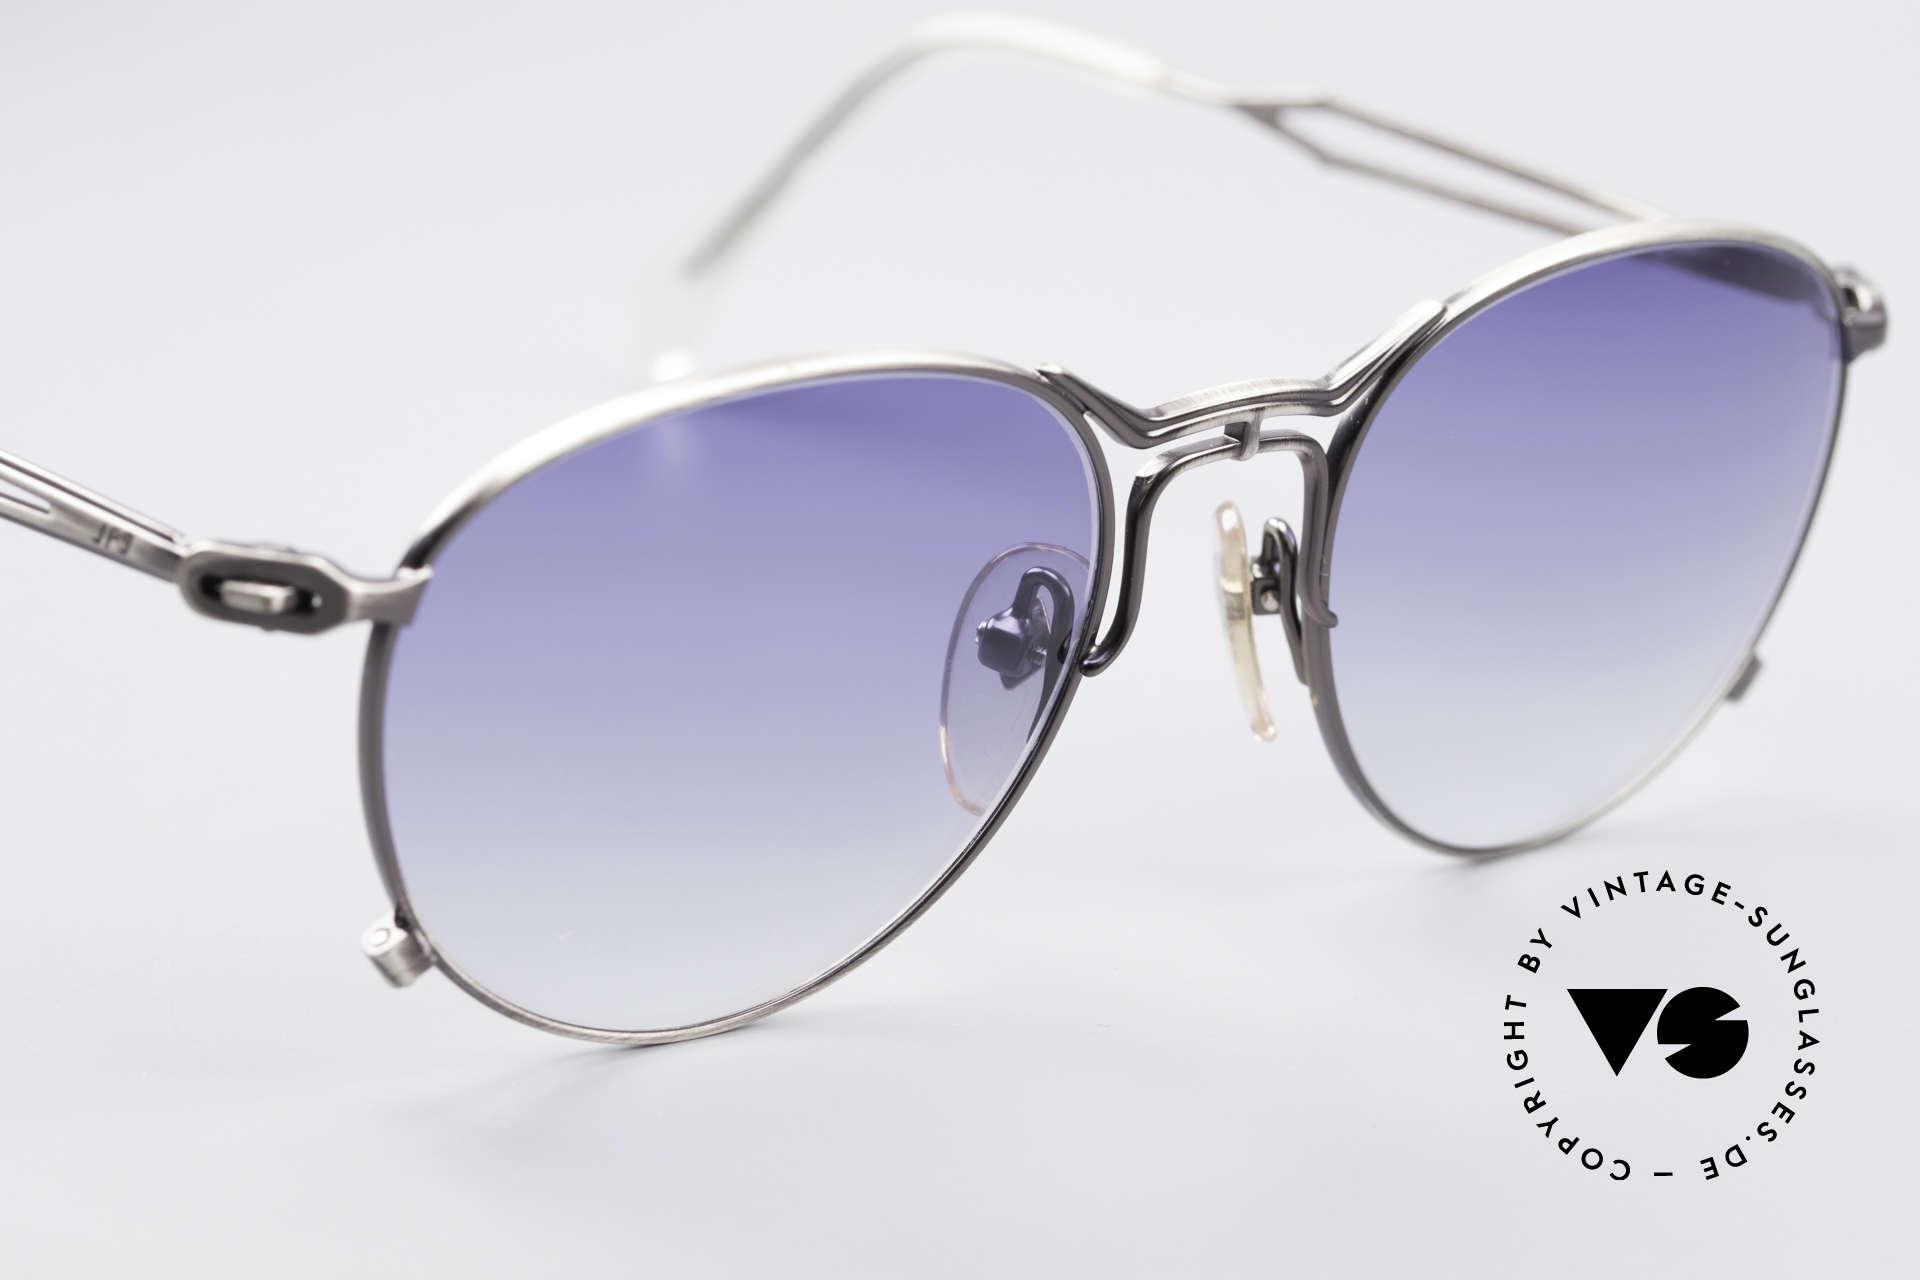 Jean Paul Gaultier 55-2177 Rare Designer Sonnenbrille, ein wahres Designer-Stück in absoluter TOP-Qualität!, Passend für Herren und Damen